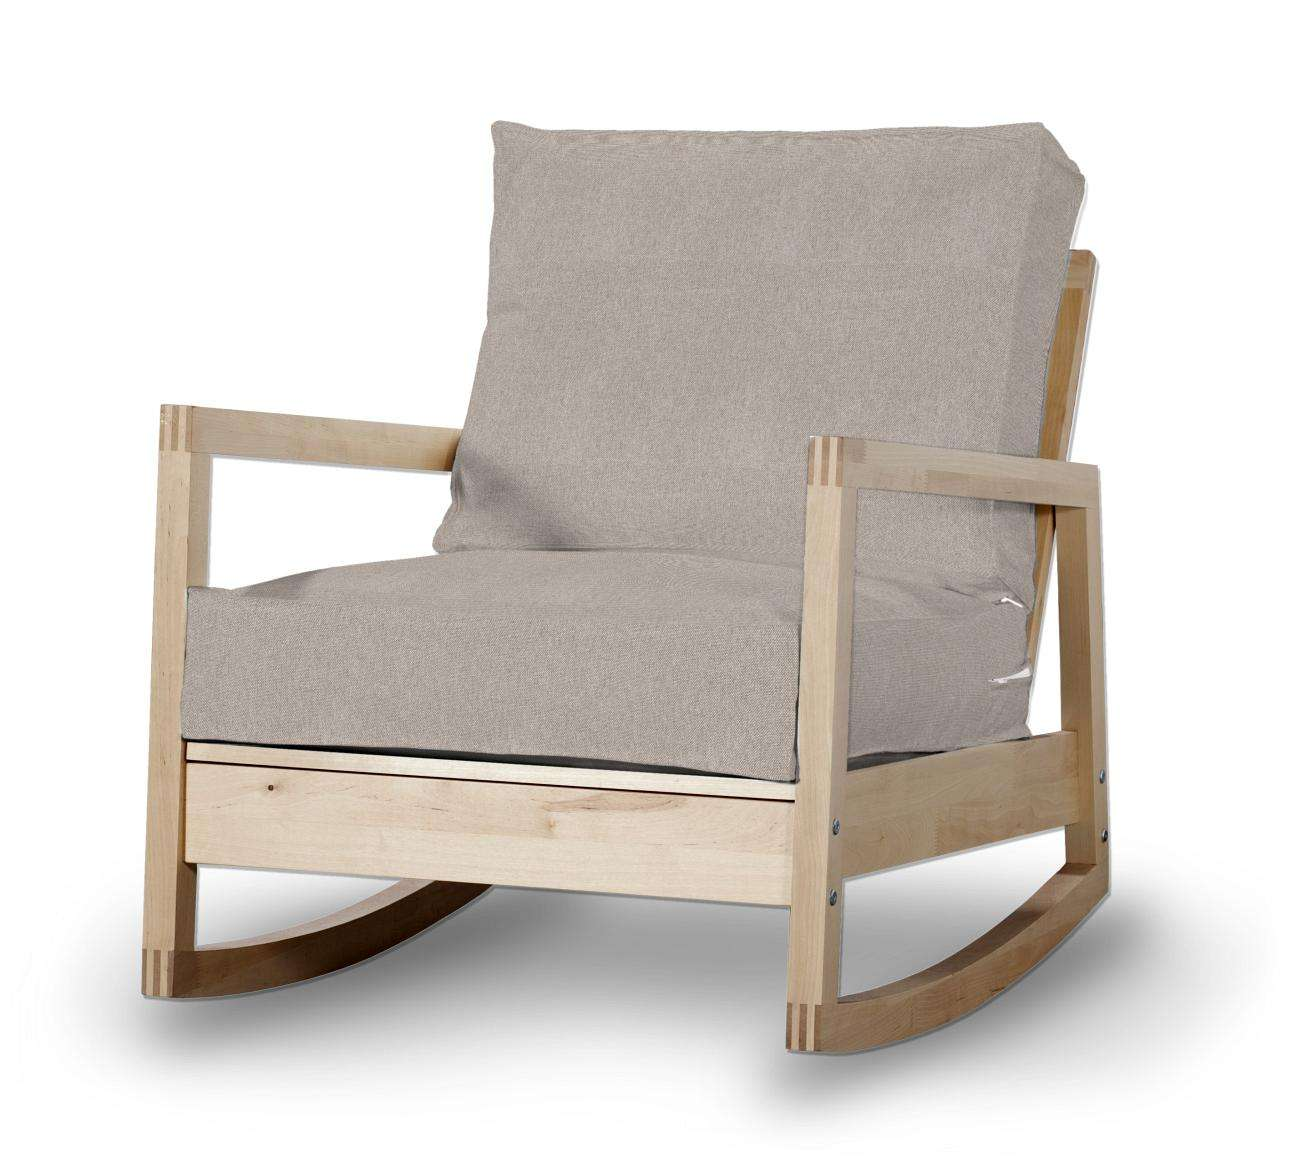 LILLBERG fotelio užvalkalas LILLBERG fotelio užvalkalas kolekcijoje Etna , audinys: 705-09